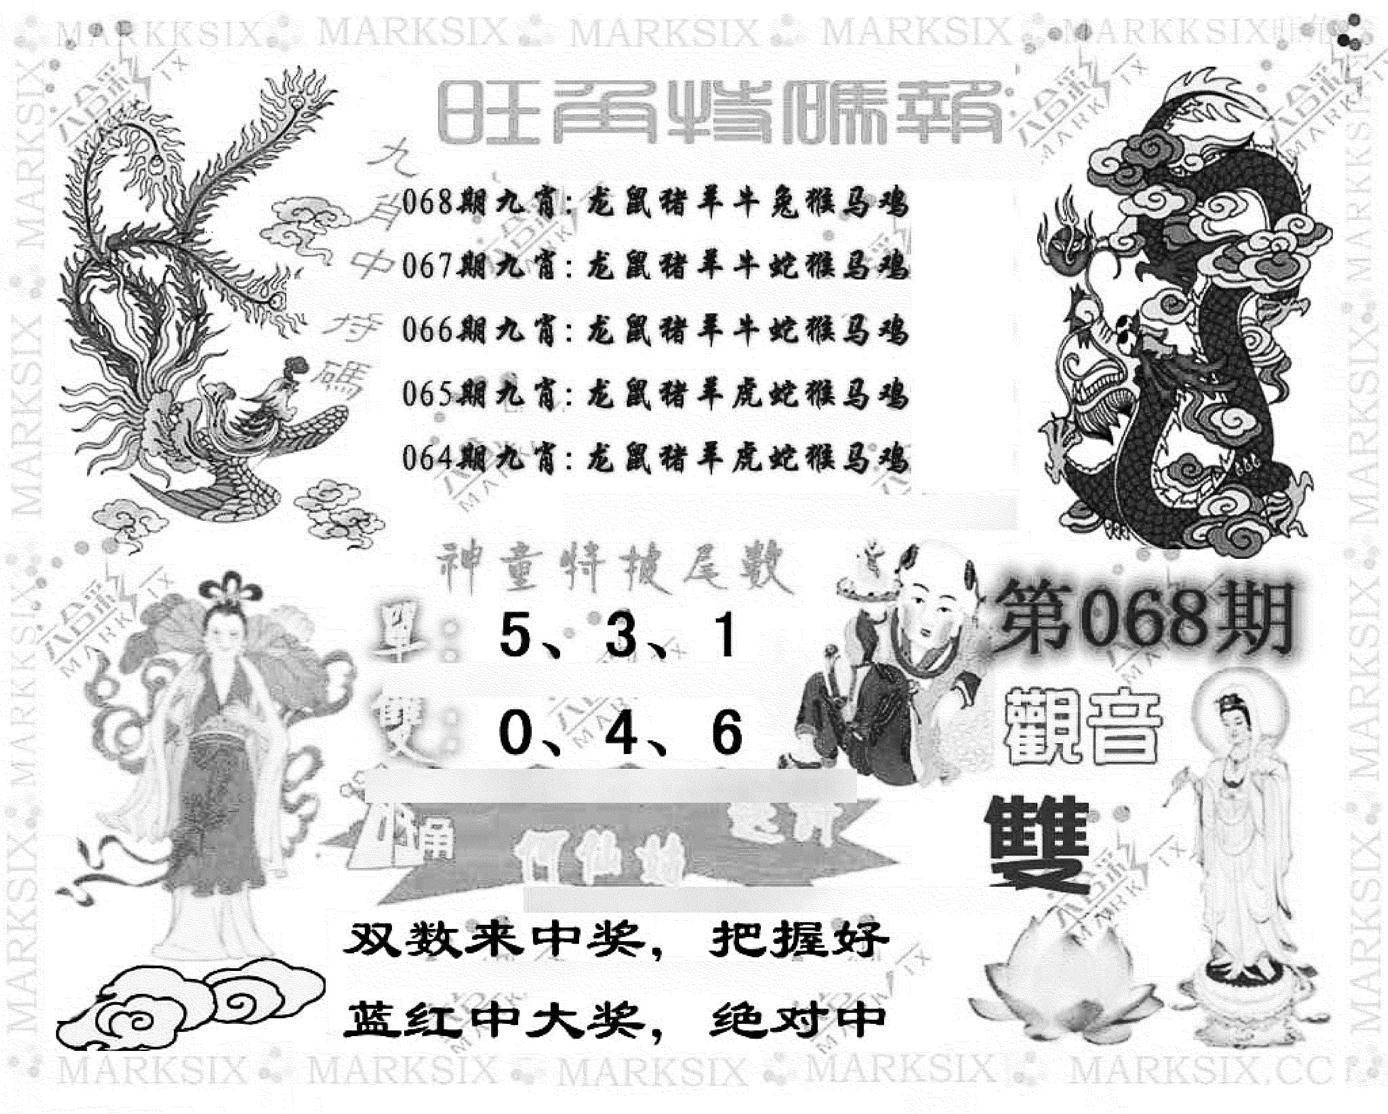 068期旺角特码报(彩)(黑白)